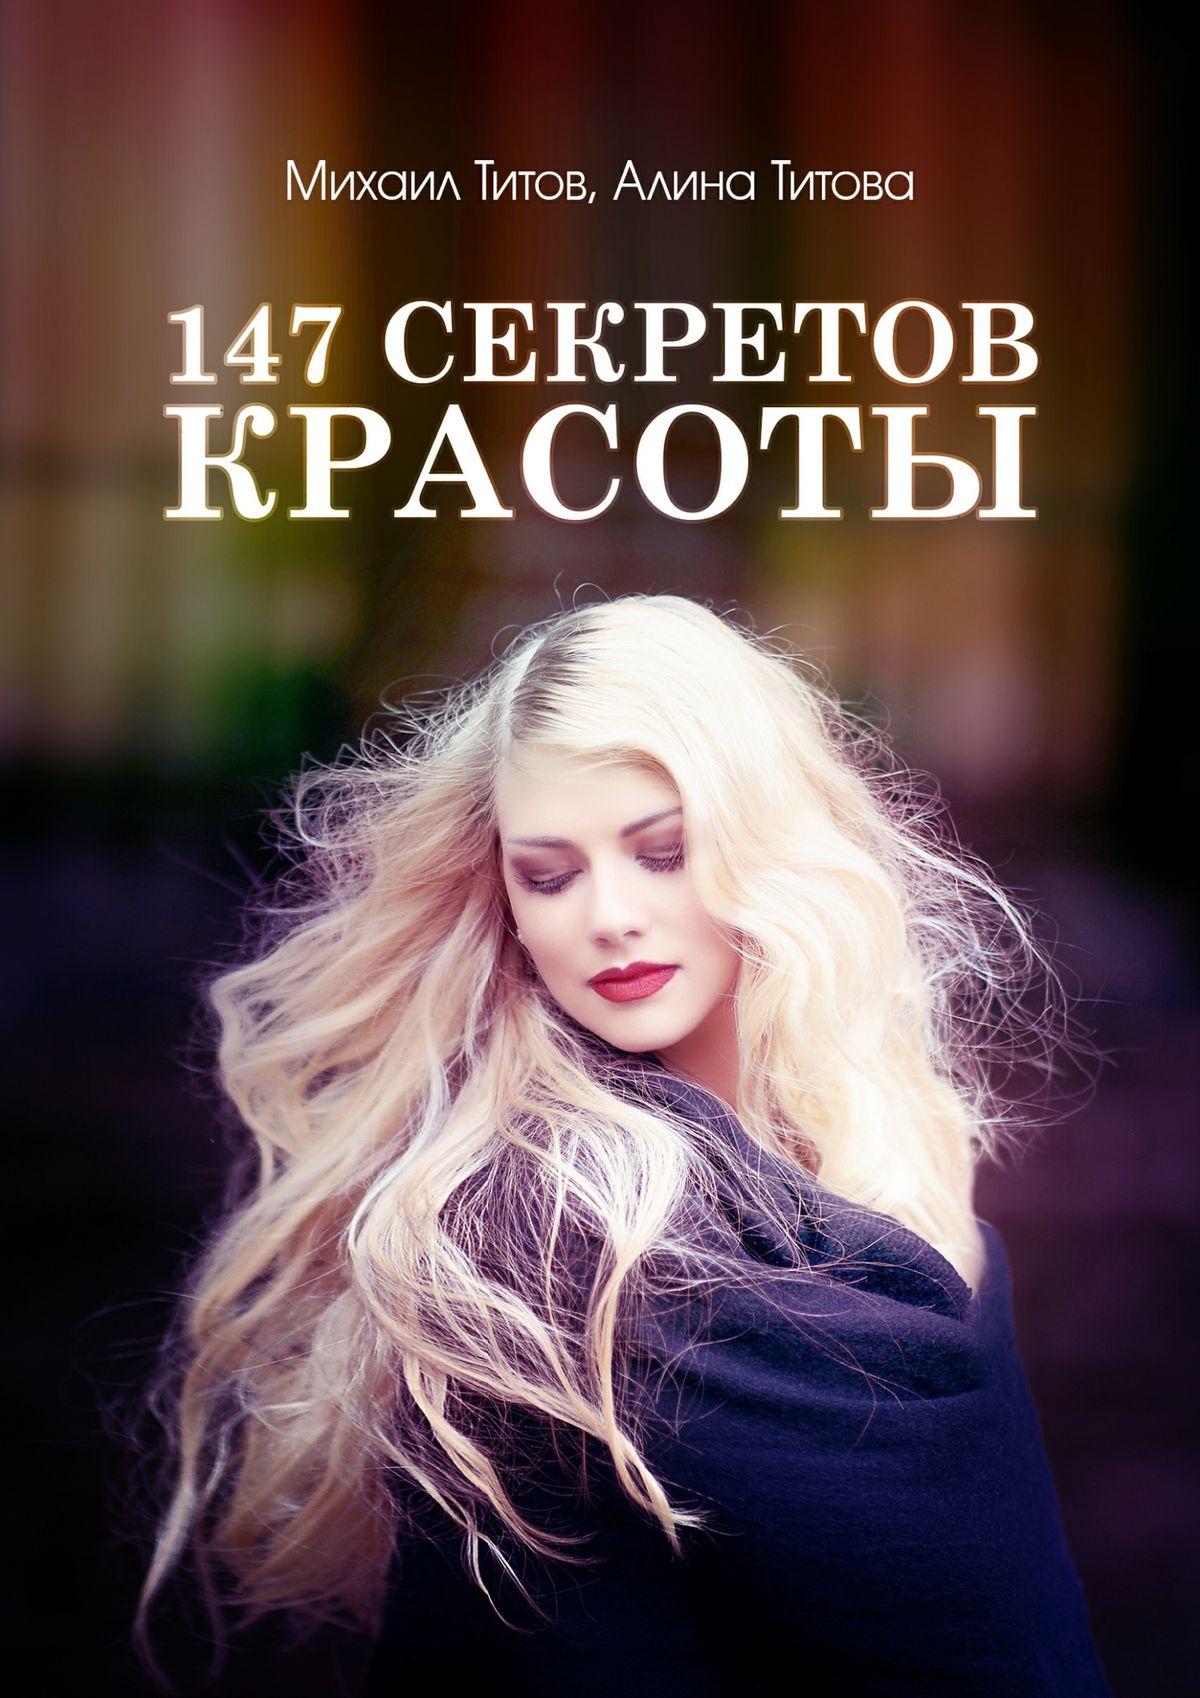 147секретов красоты